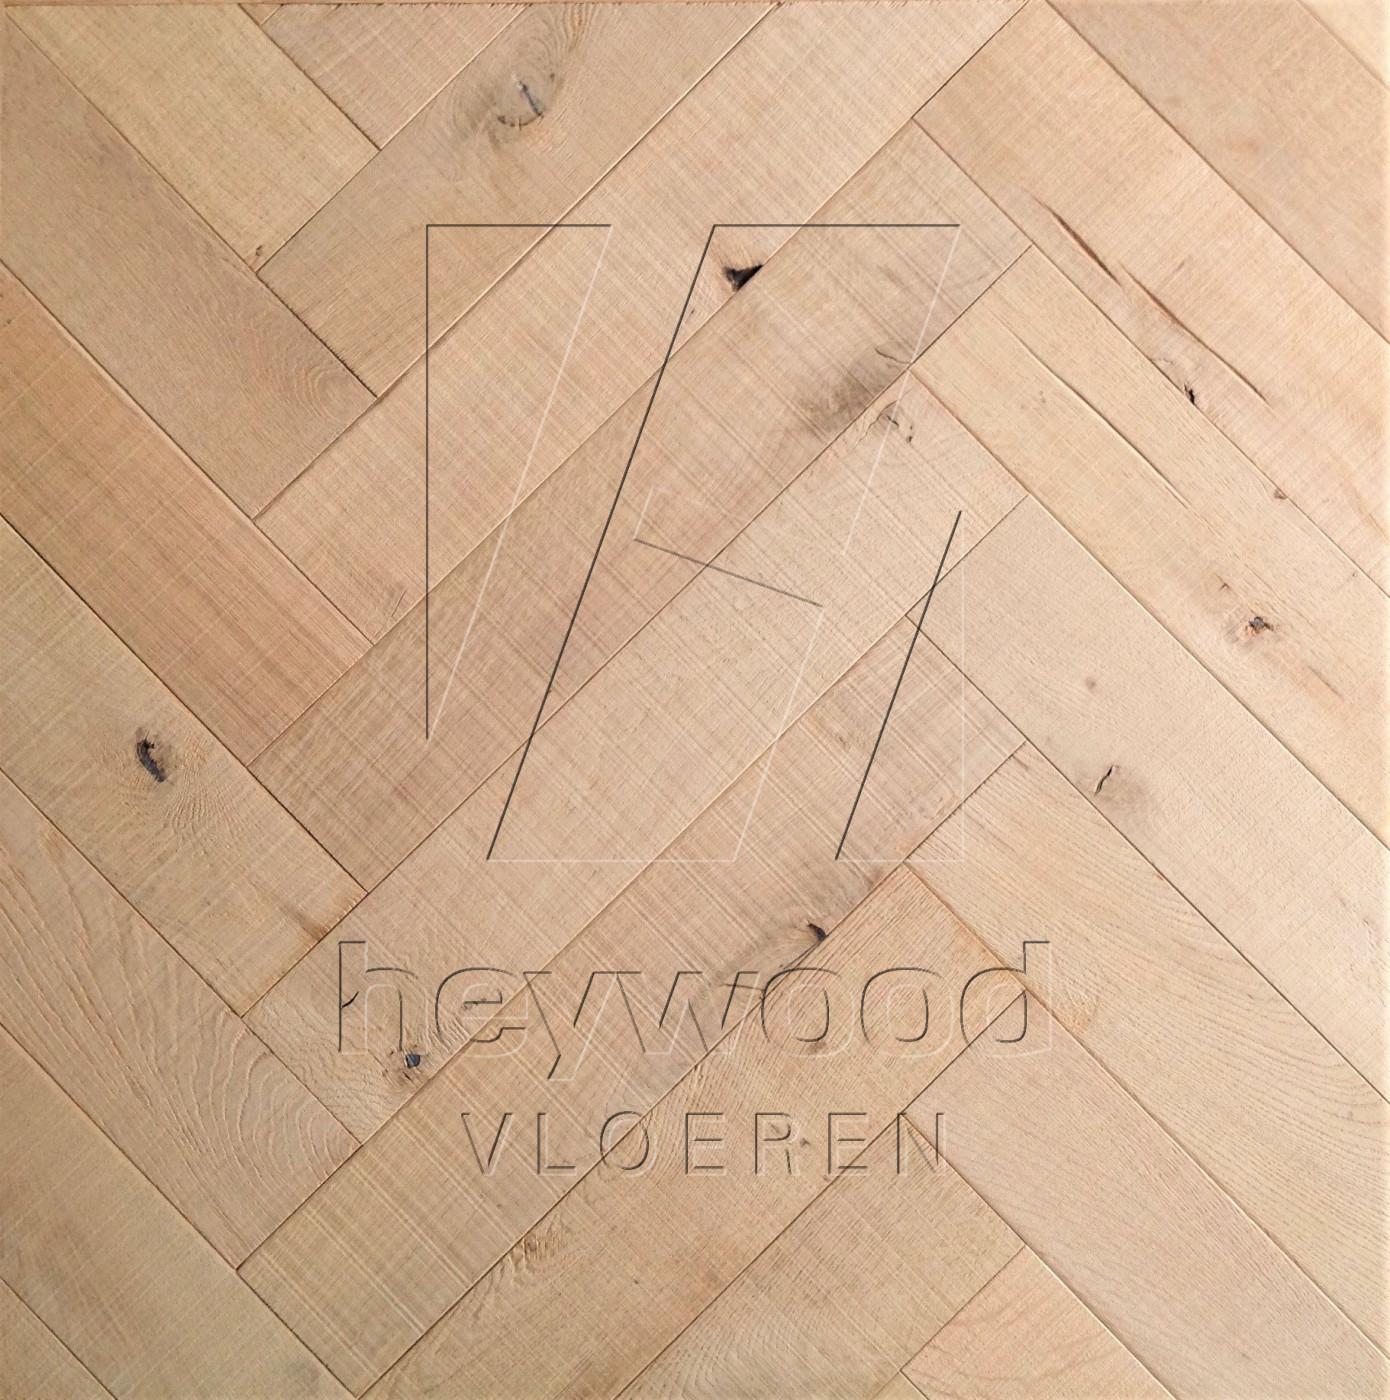 Knotting Hill Herringbone 'Virgin' in Herringbone of Pattern & Panel Floors